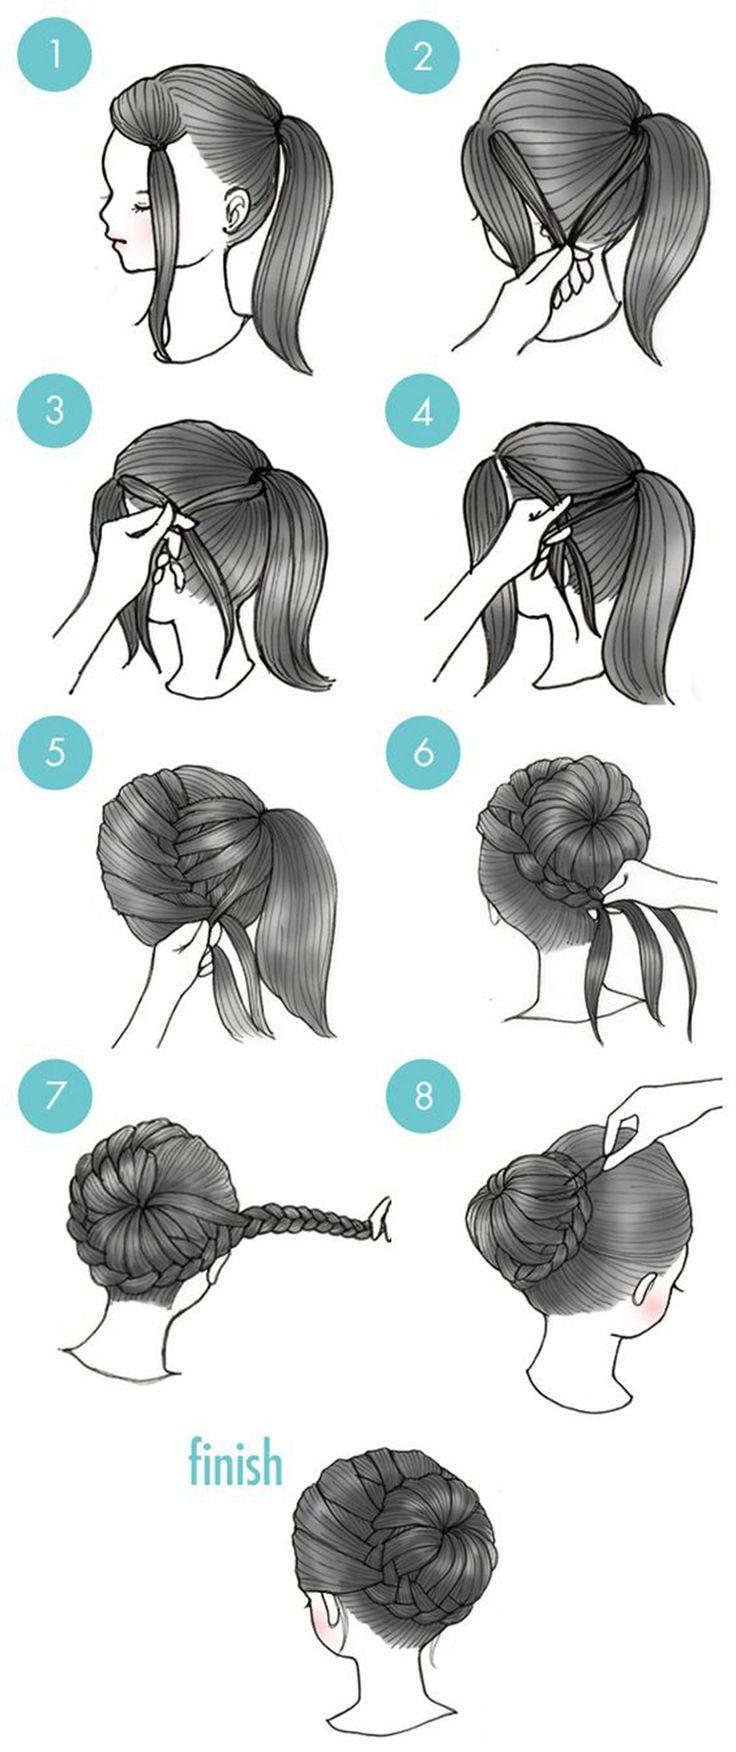 10 excellentes coiffures en moins de three minutes que chaque fille devrait essayer